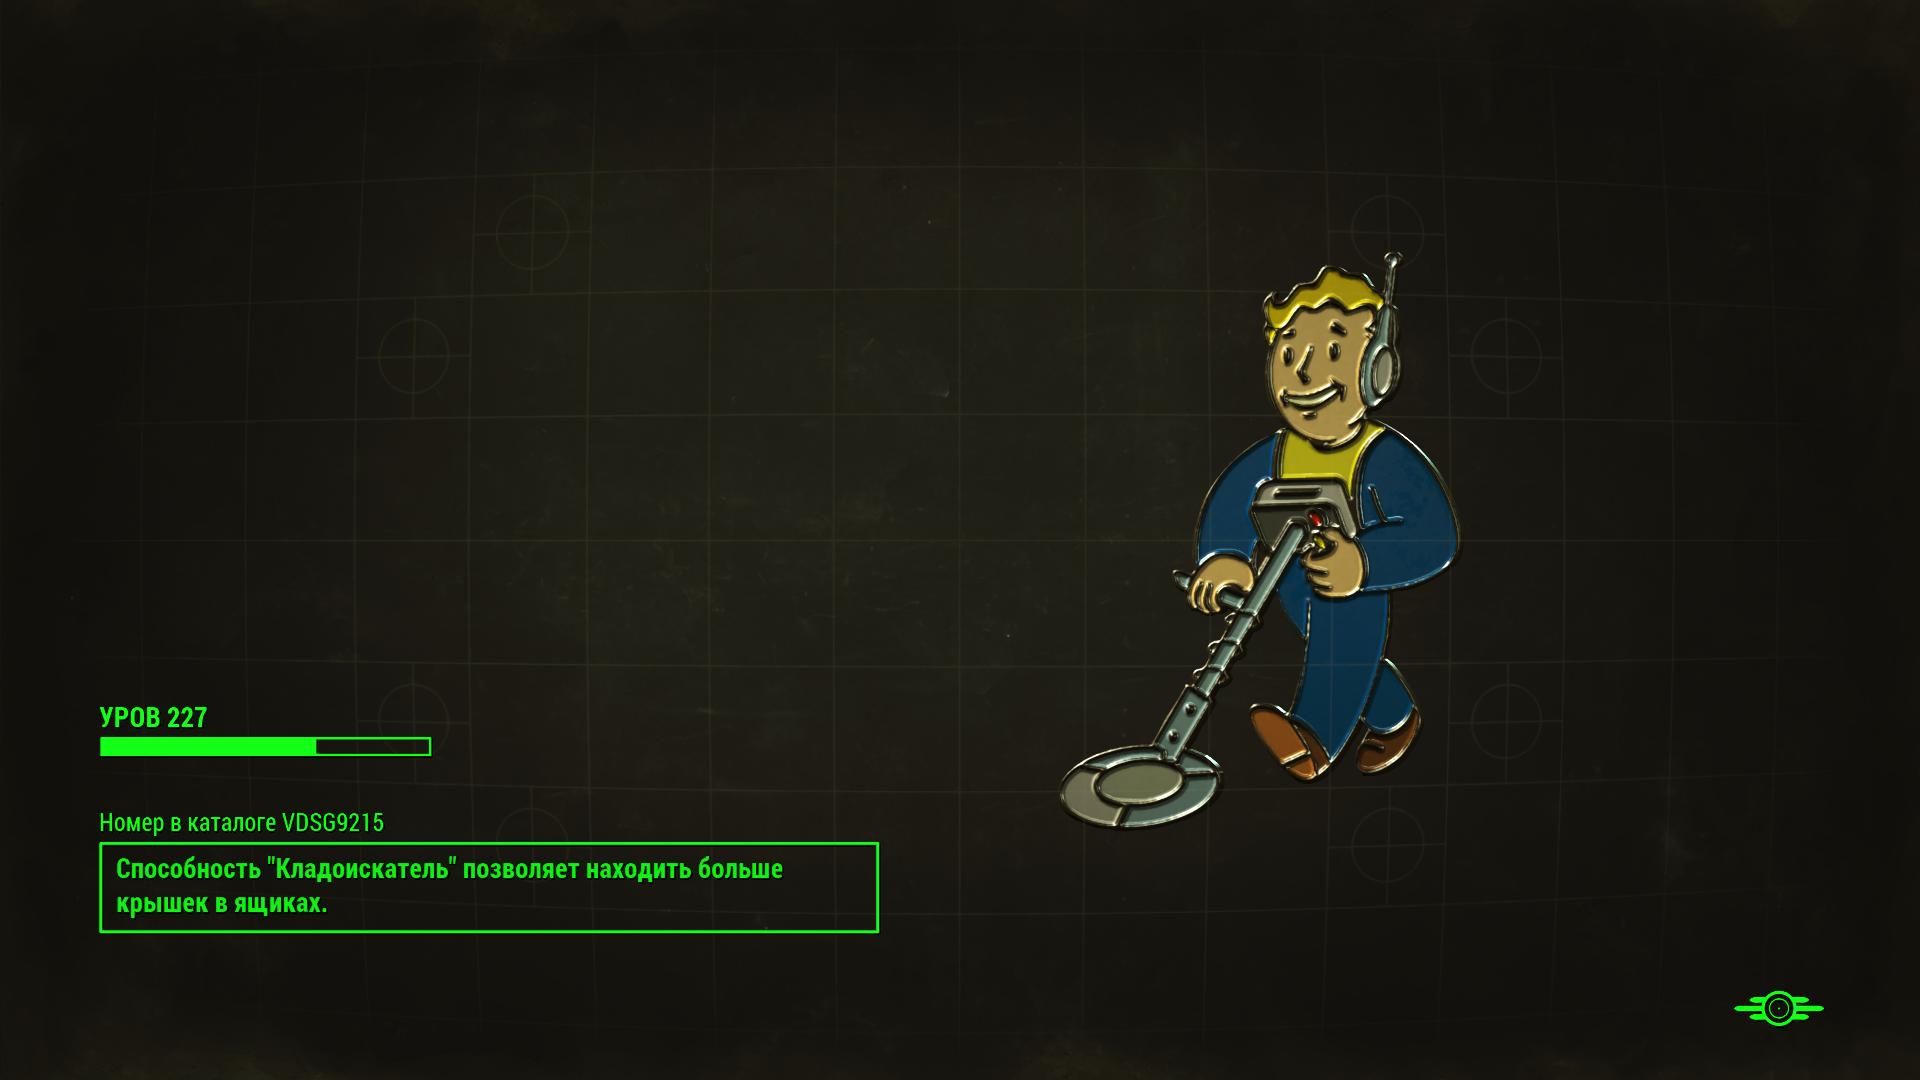 Кладоискатель (Fallout 4)